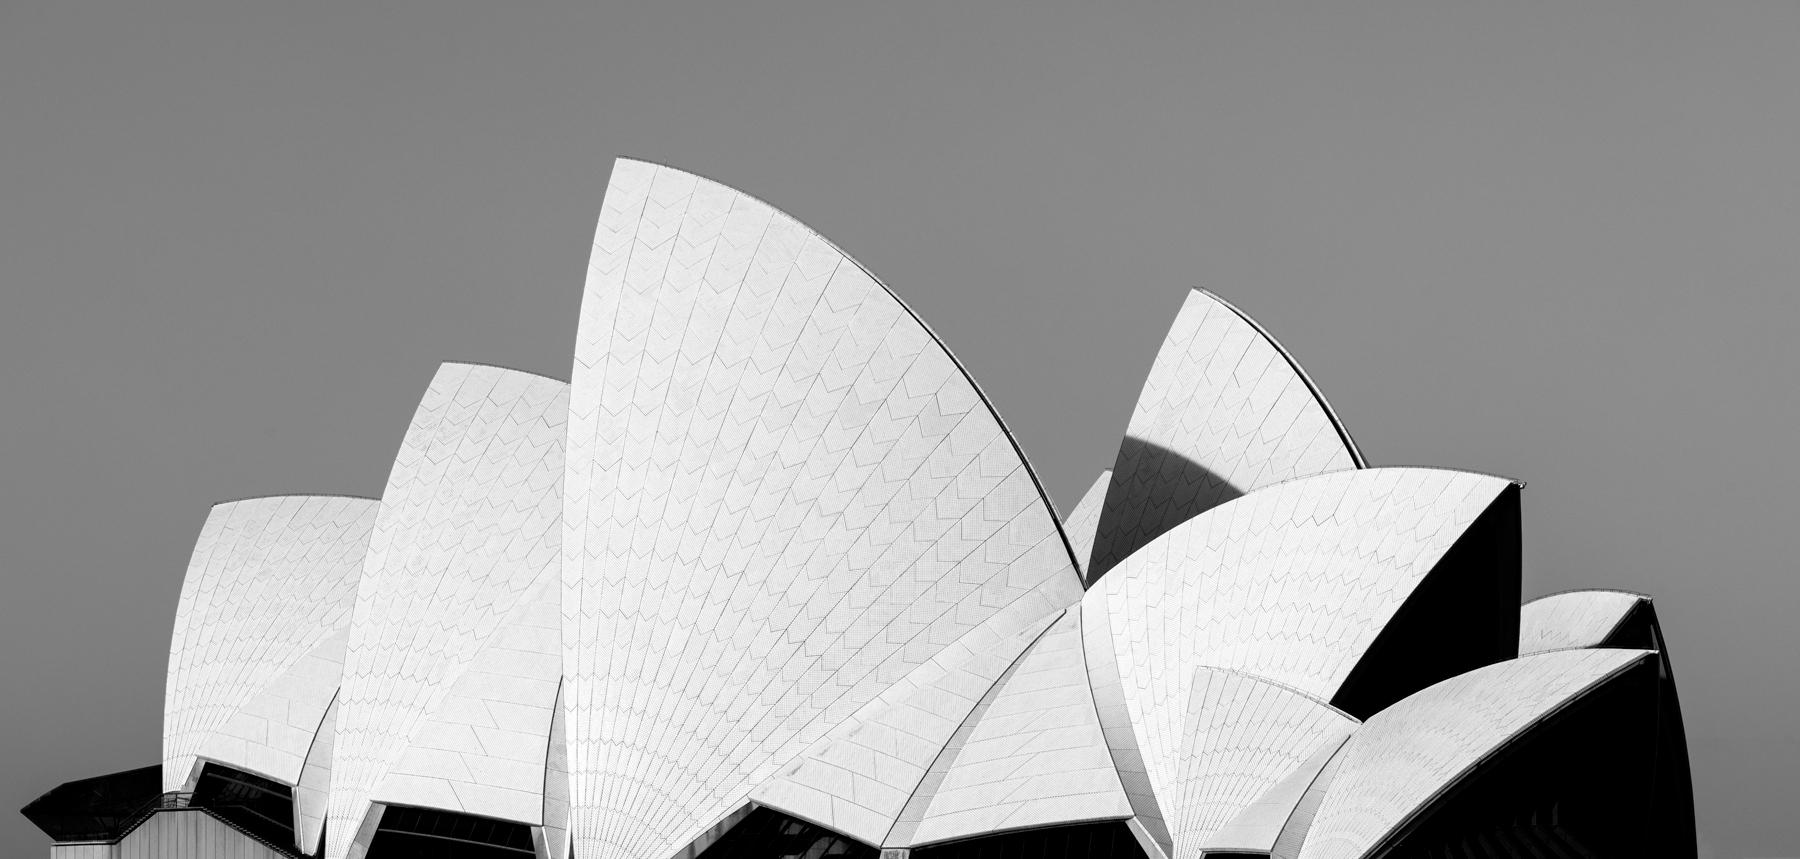 AUSTRALIA_Sydney_5713_BW.jpg